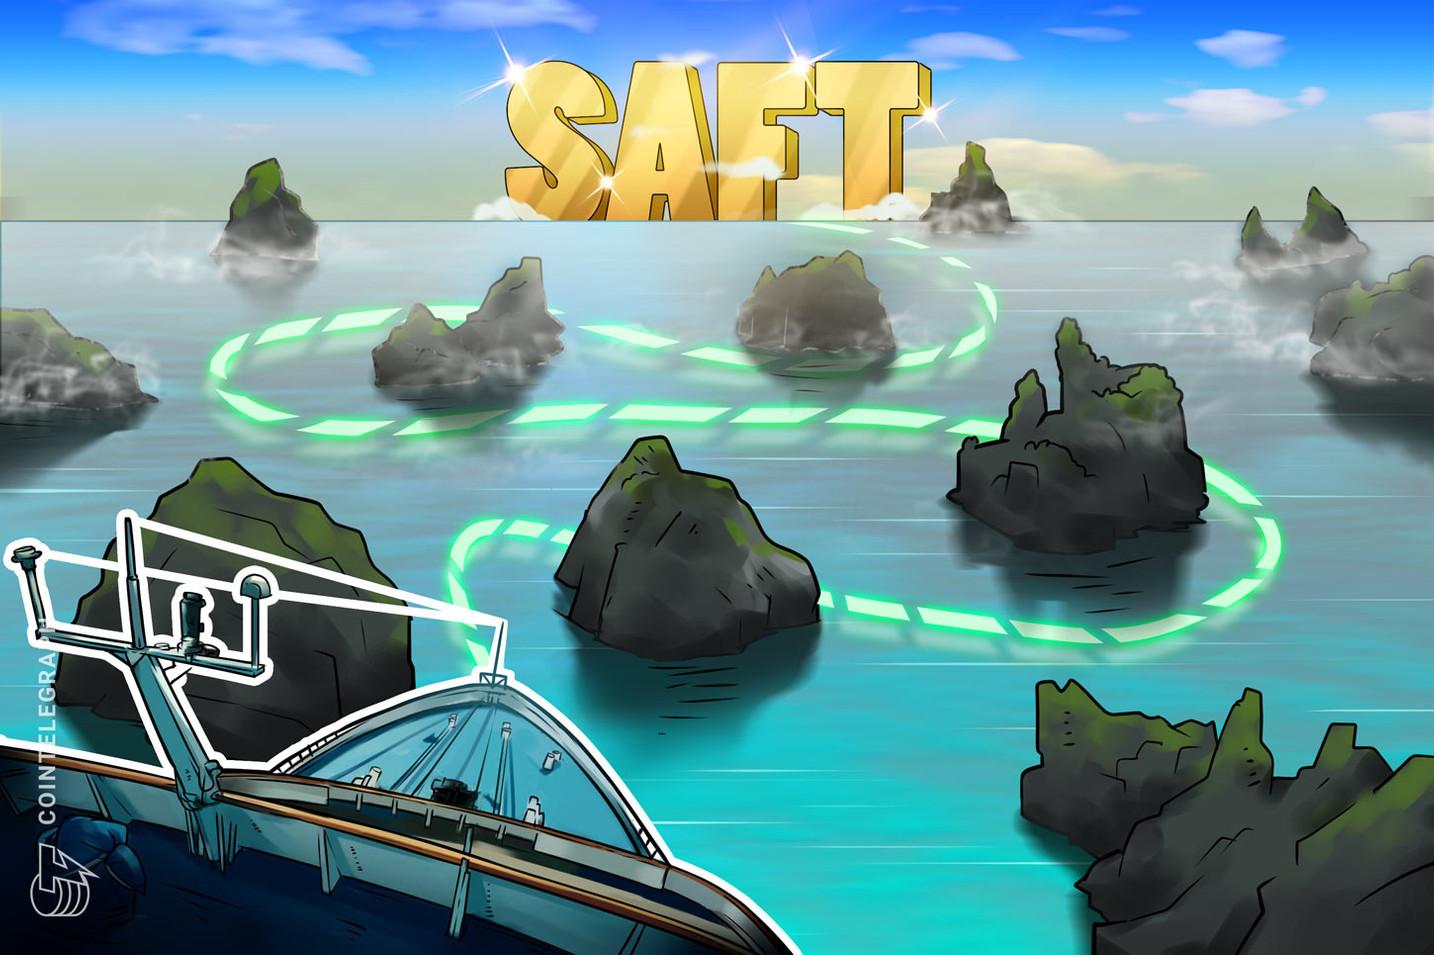 The US SEC amendments and SAFT process